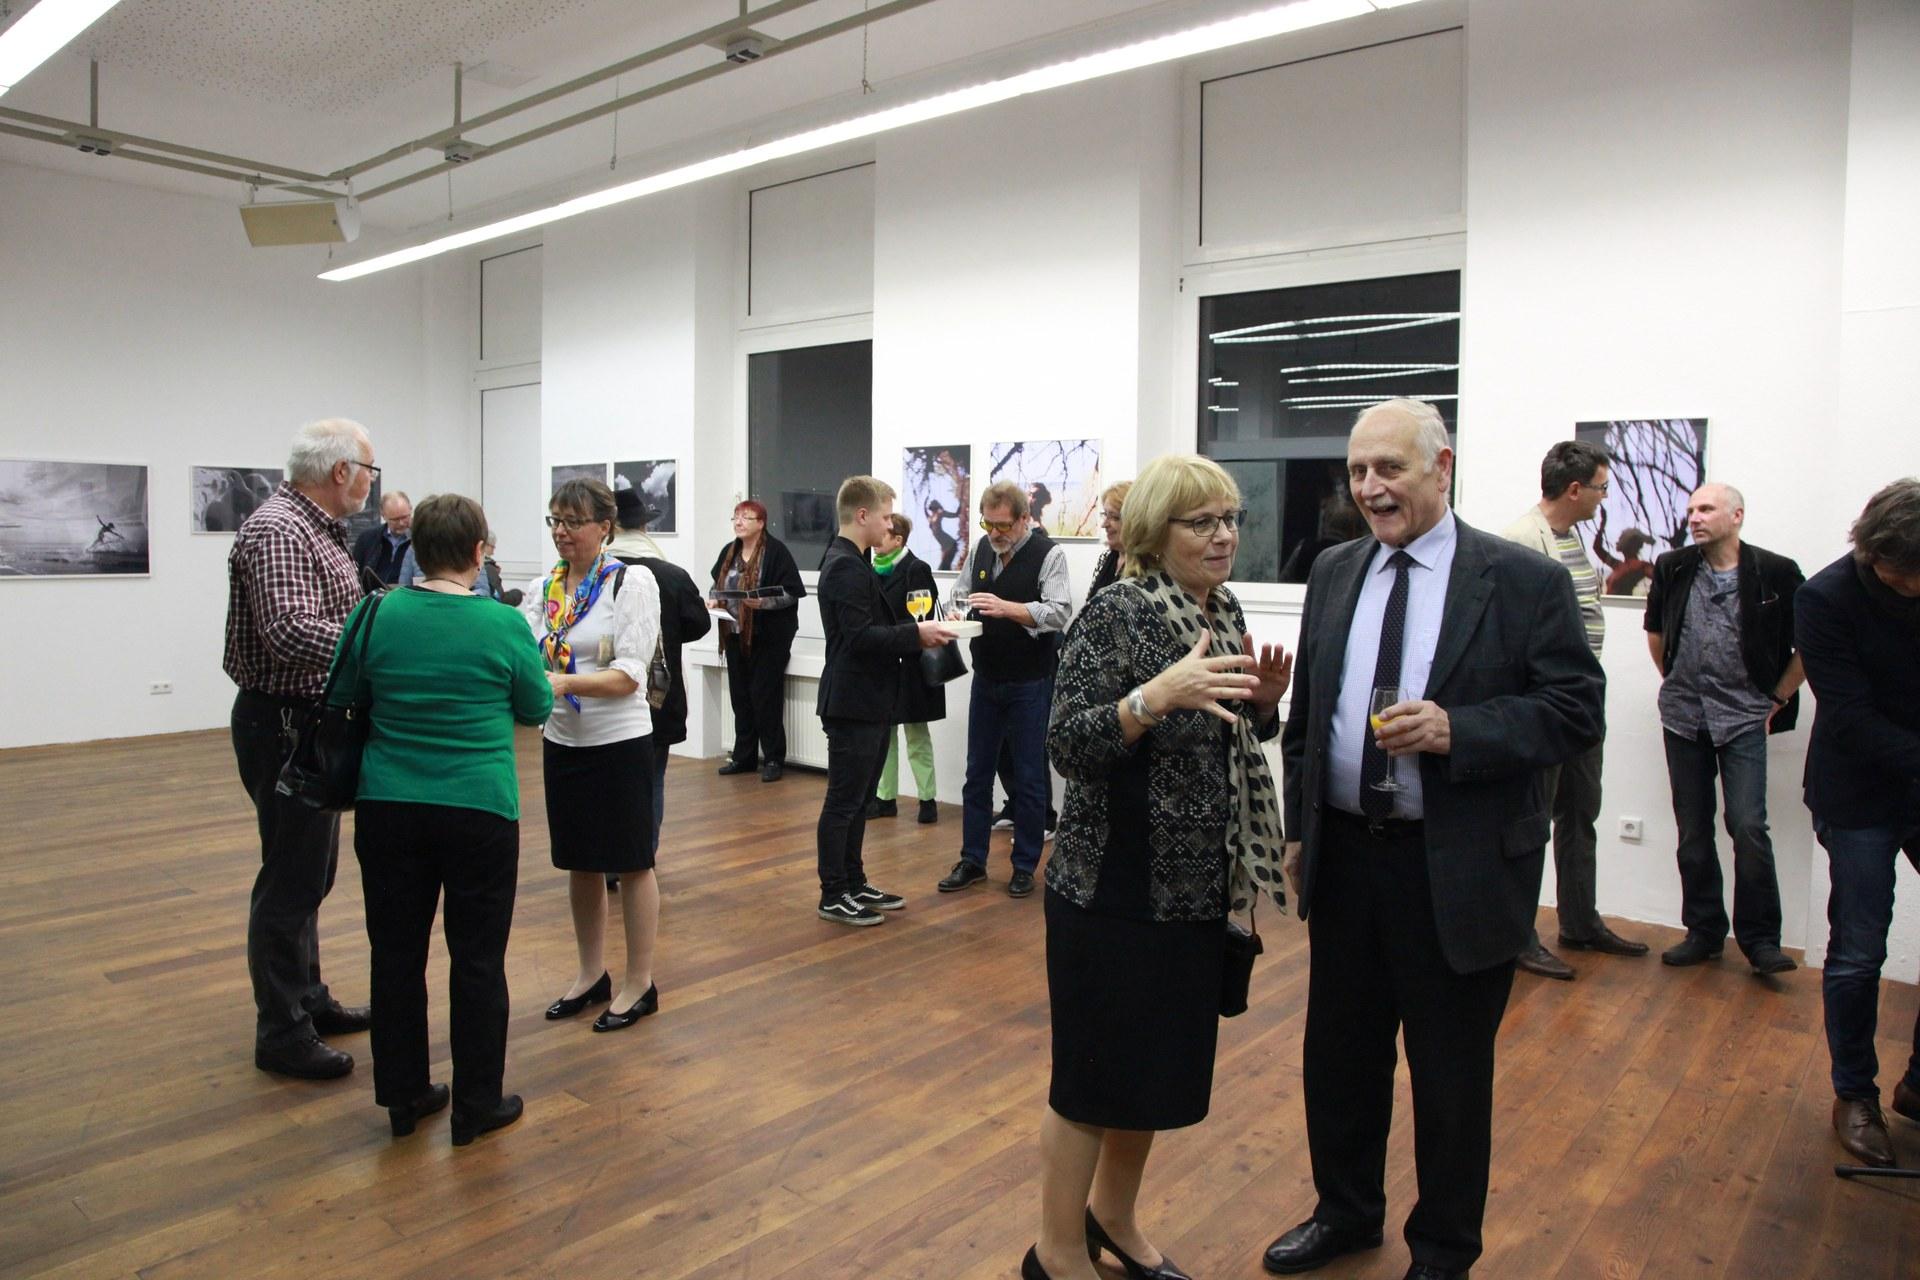 Pskow Fotografen Ausstellung in Neuss